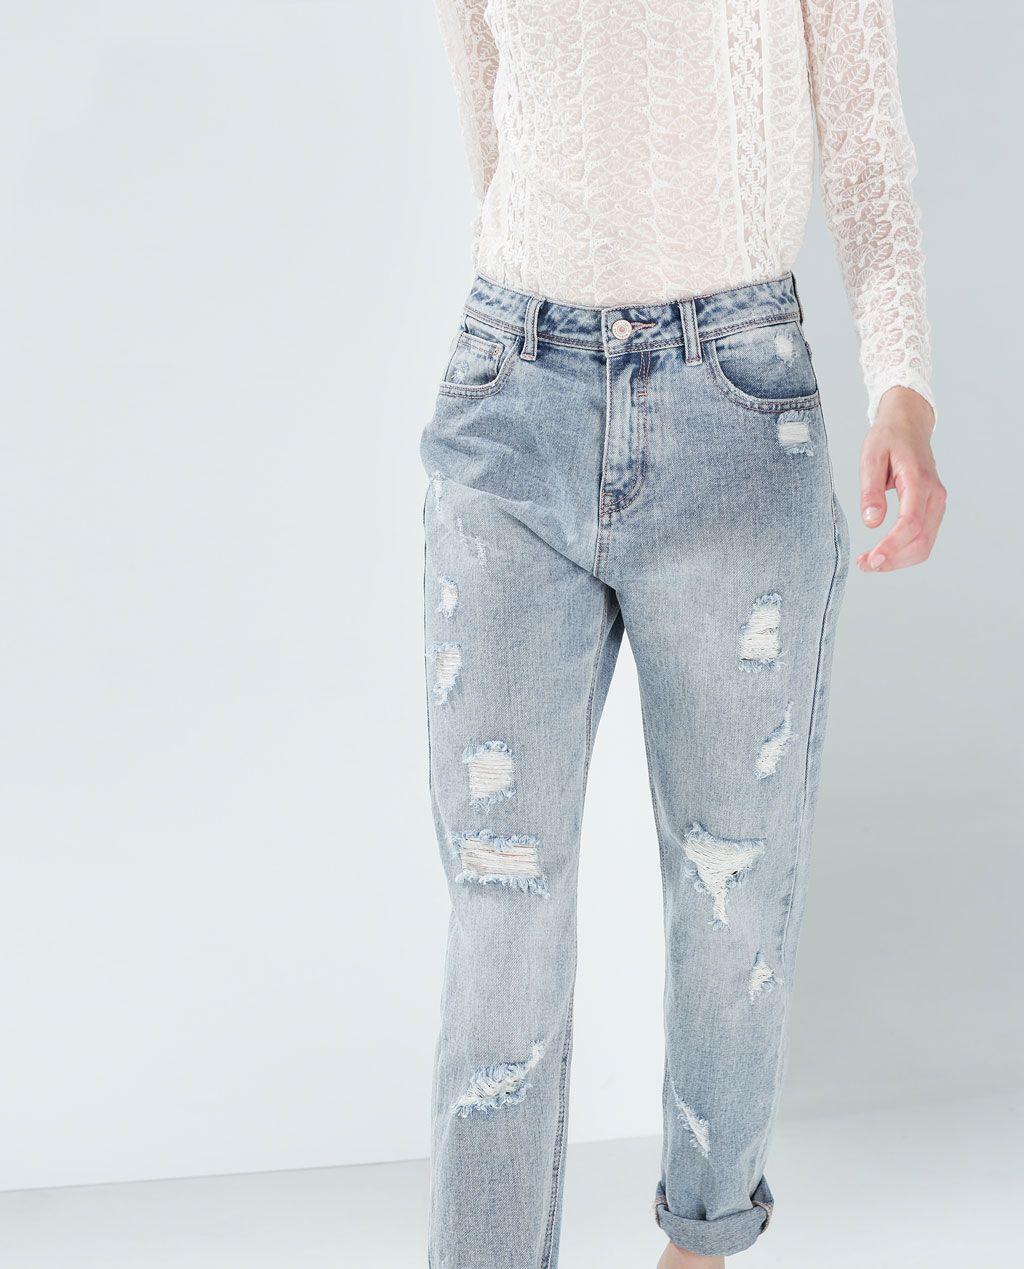 Catálogo Zara Trafaluc - Mom jeans rotos